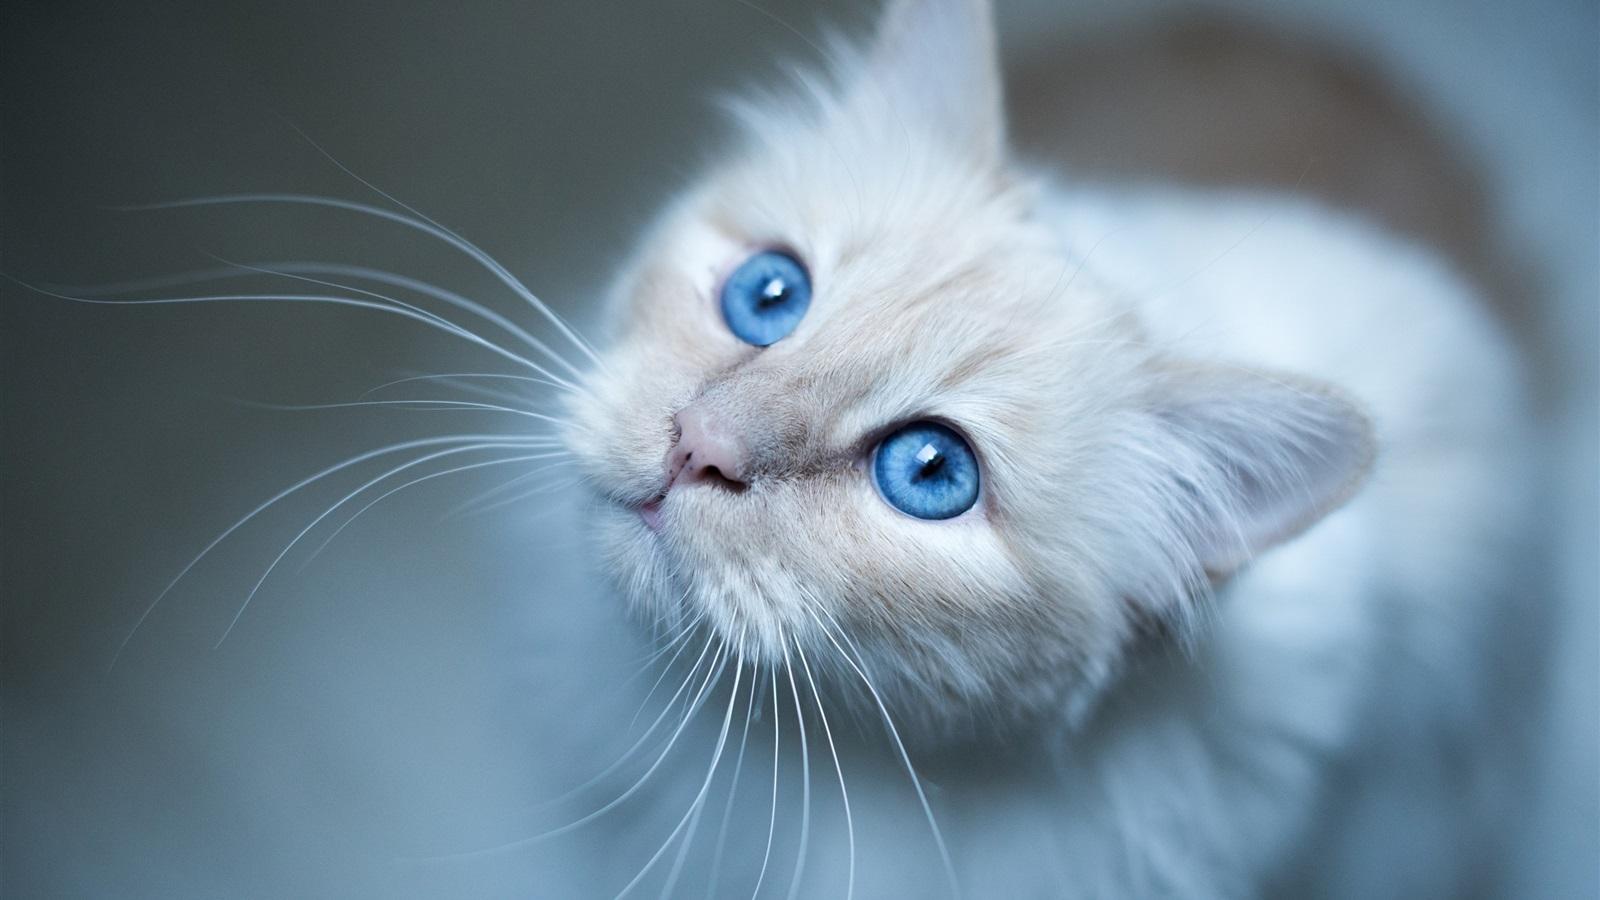 Burmese cat, blaue Augen, weiße Kätzchen Hintergrundbilder ...: de.best-wallpaper.net/burmese-cat-blue-eyes-white-kitten_1600x900.html